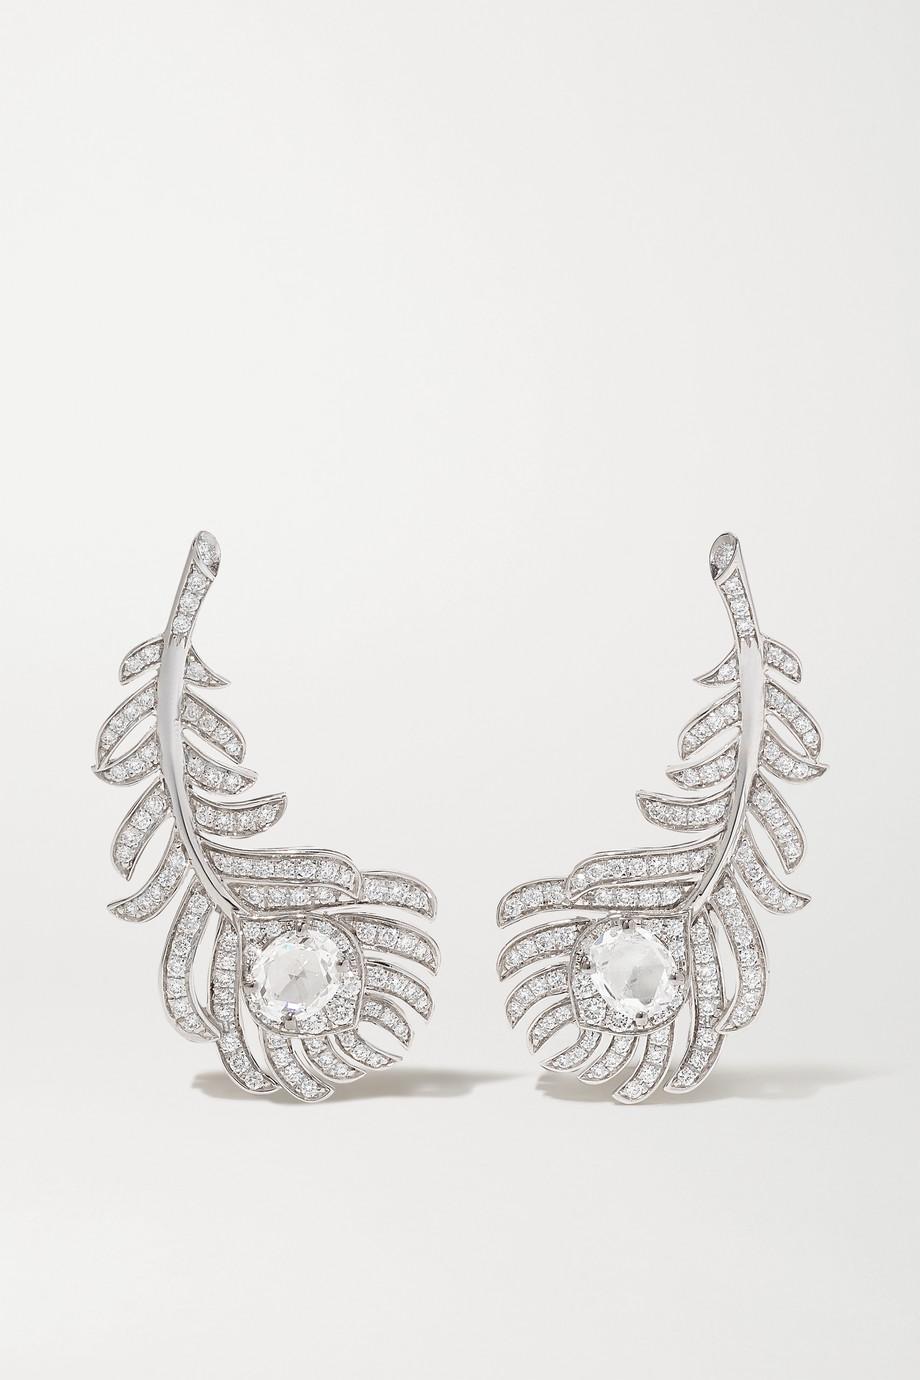 Boucheron Plume de Paon 18-karat white gold diamond earrings